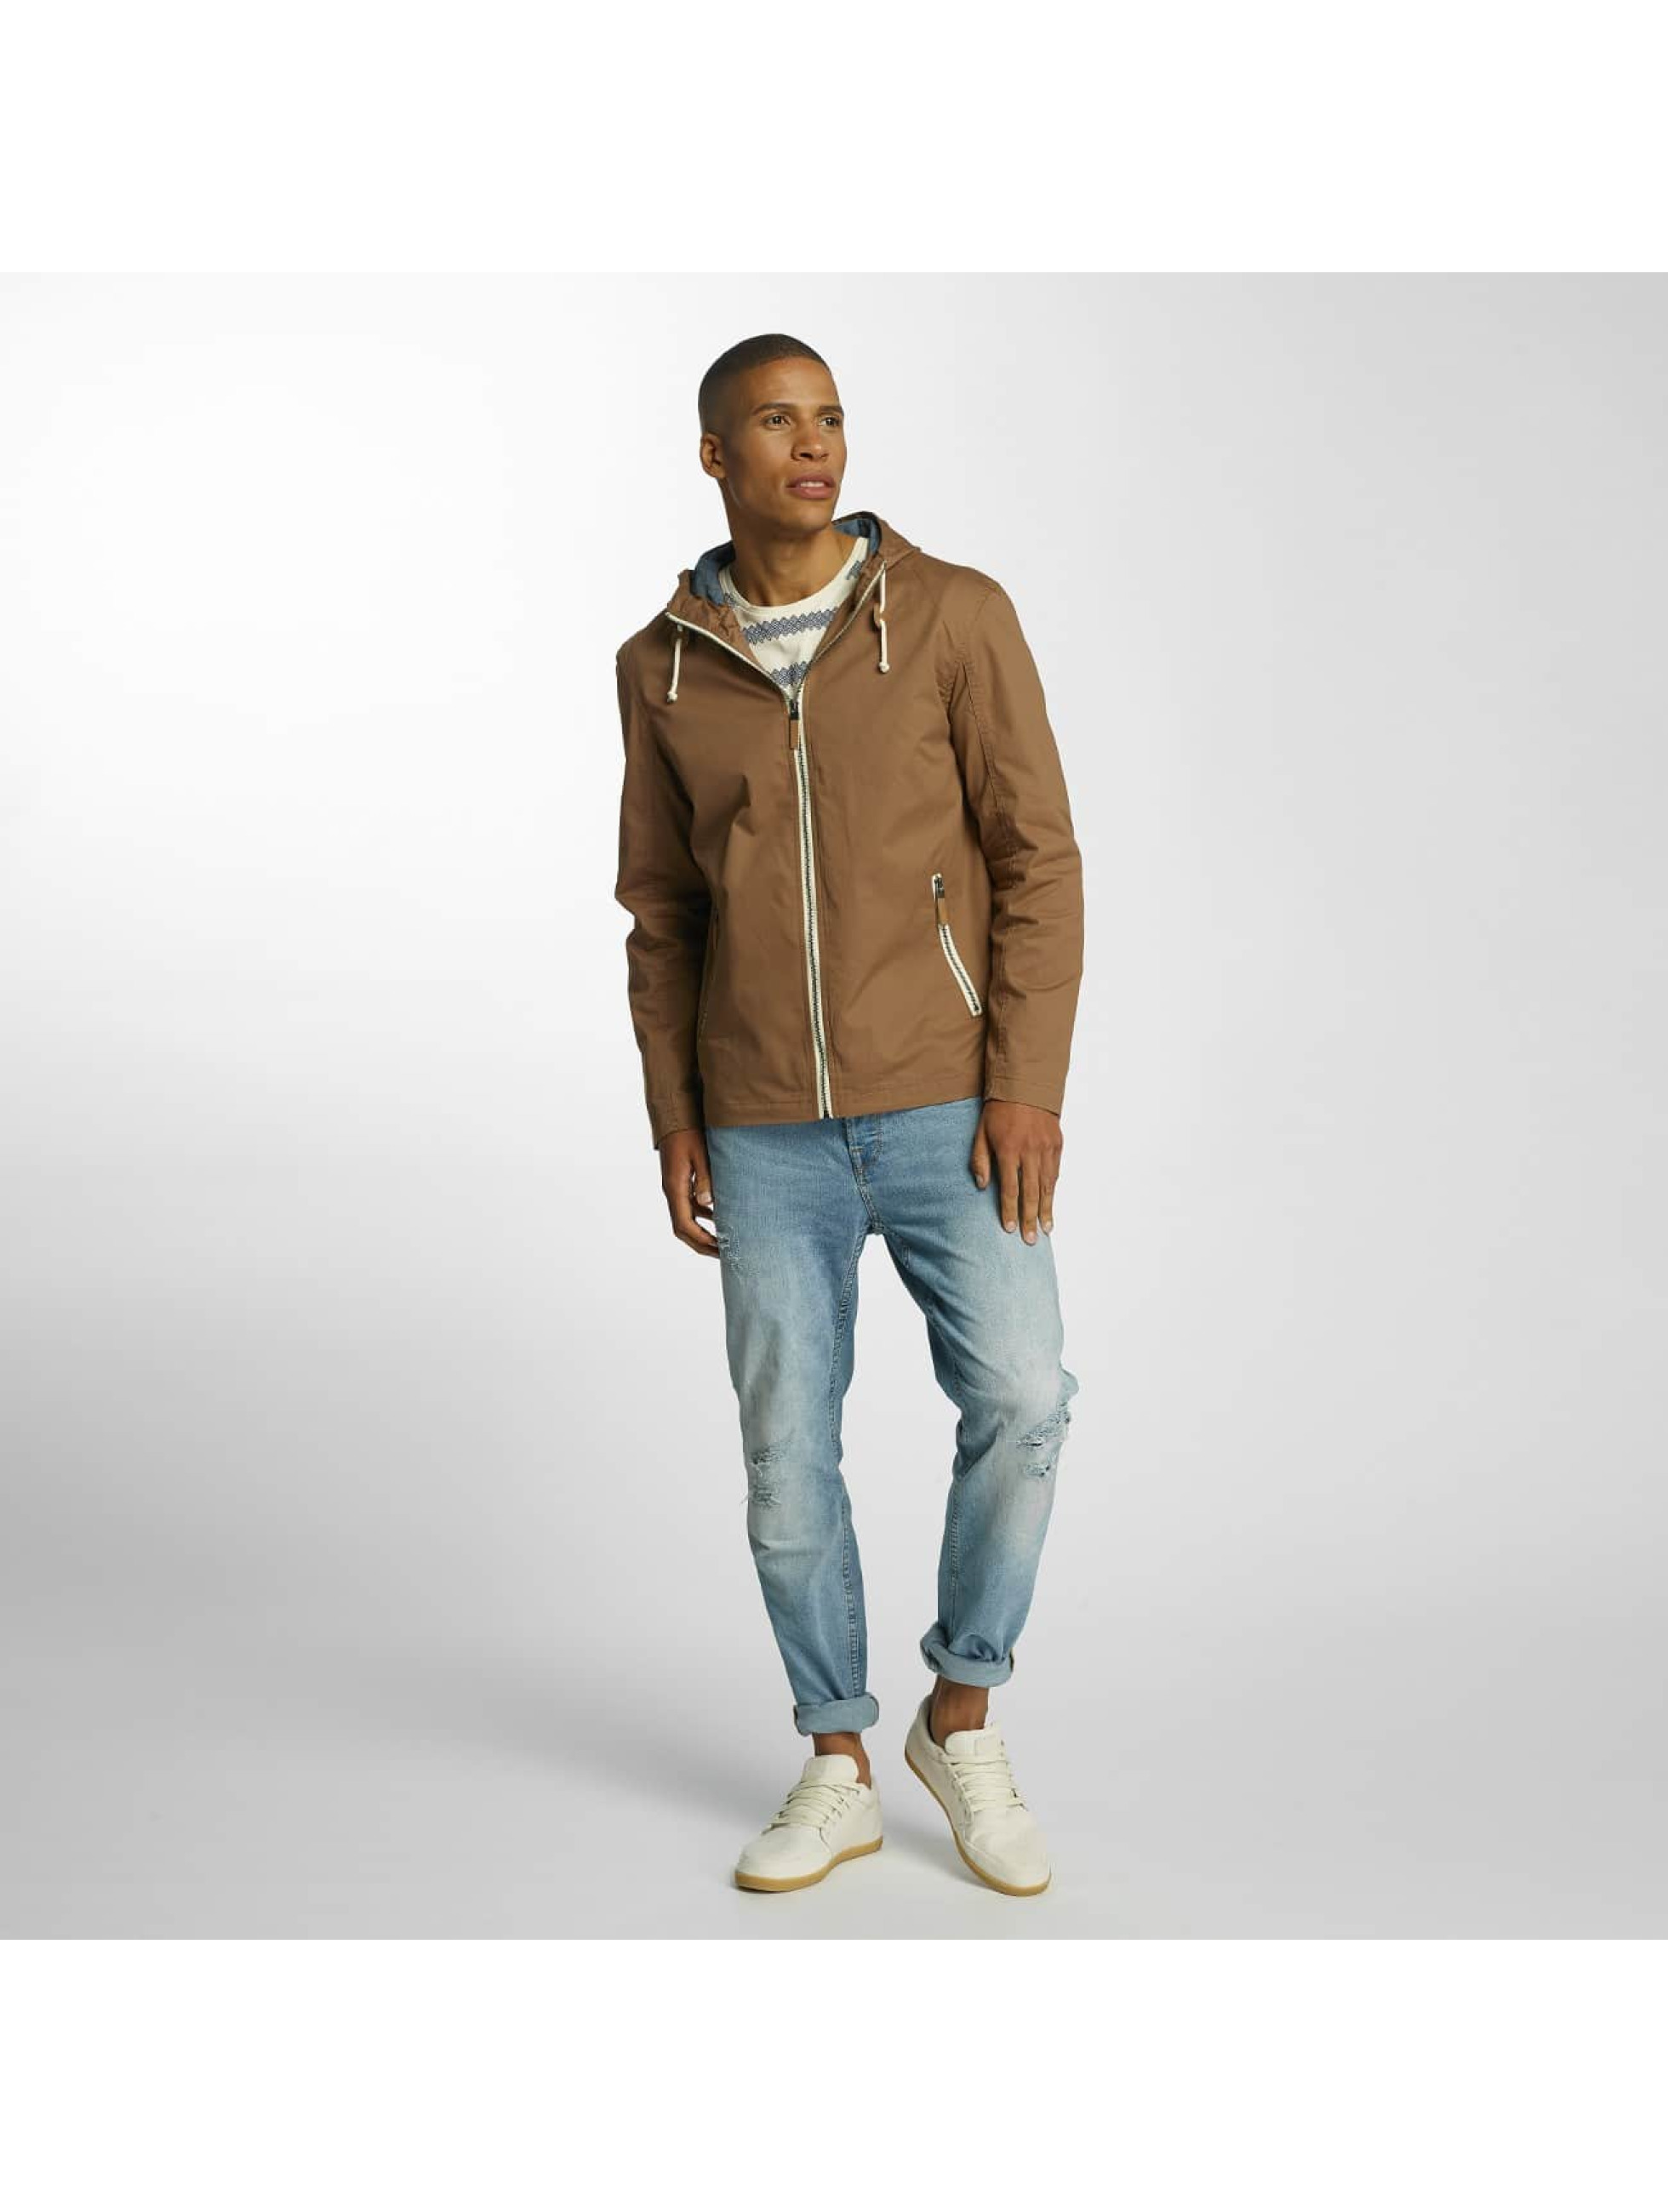 Brave Soul Демисезонная куртка Lightweight Cotton коричневый